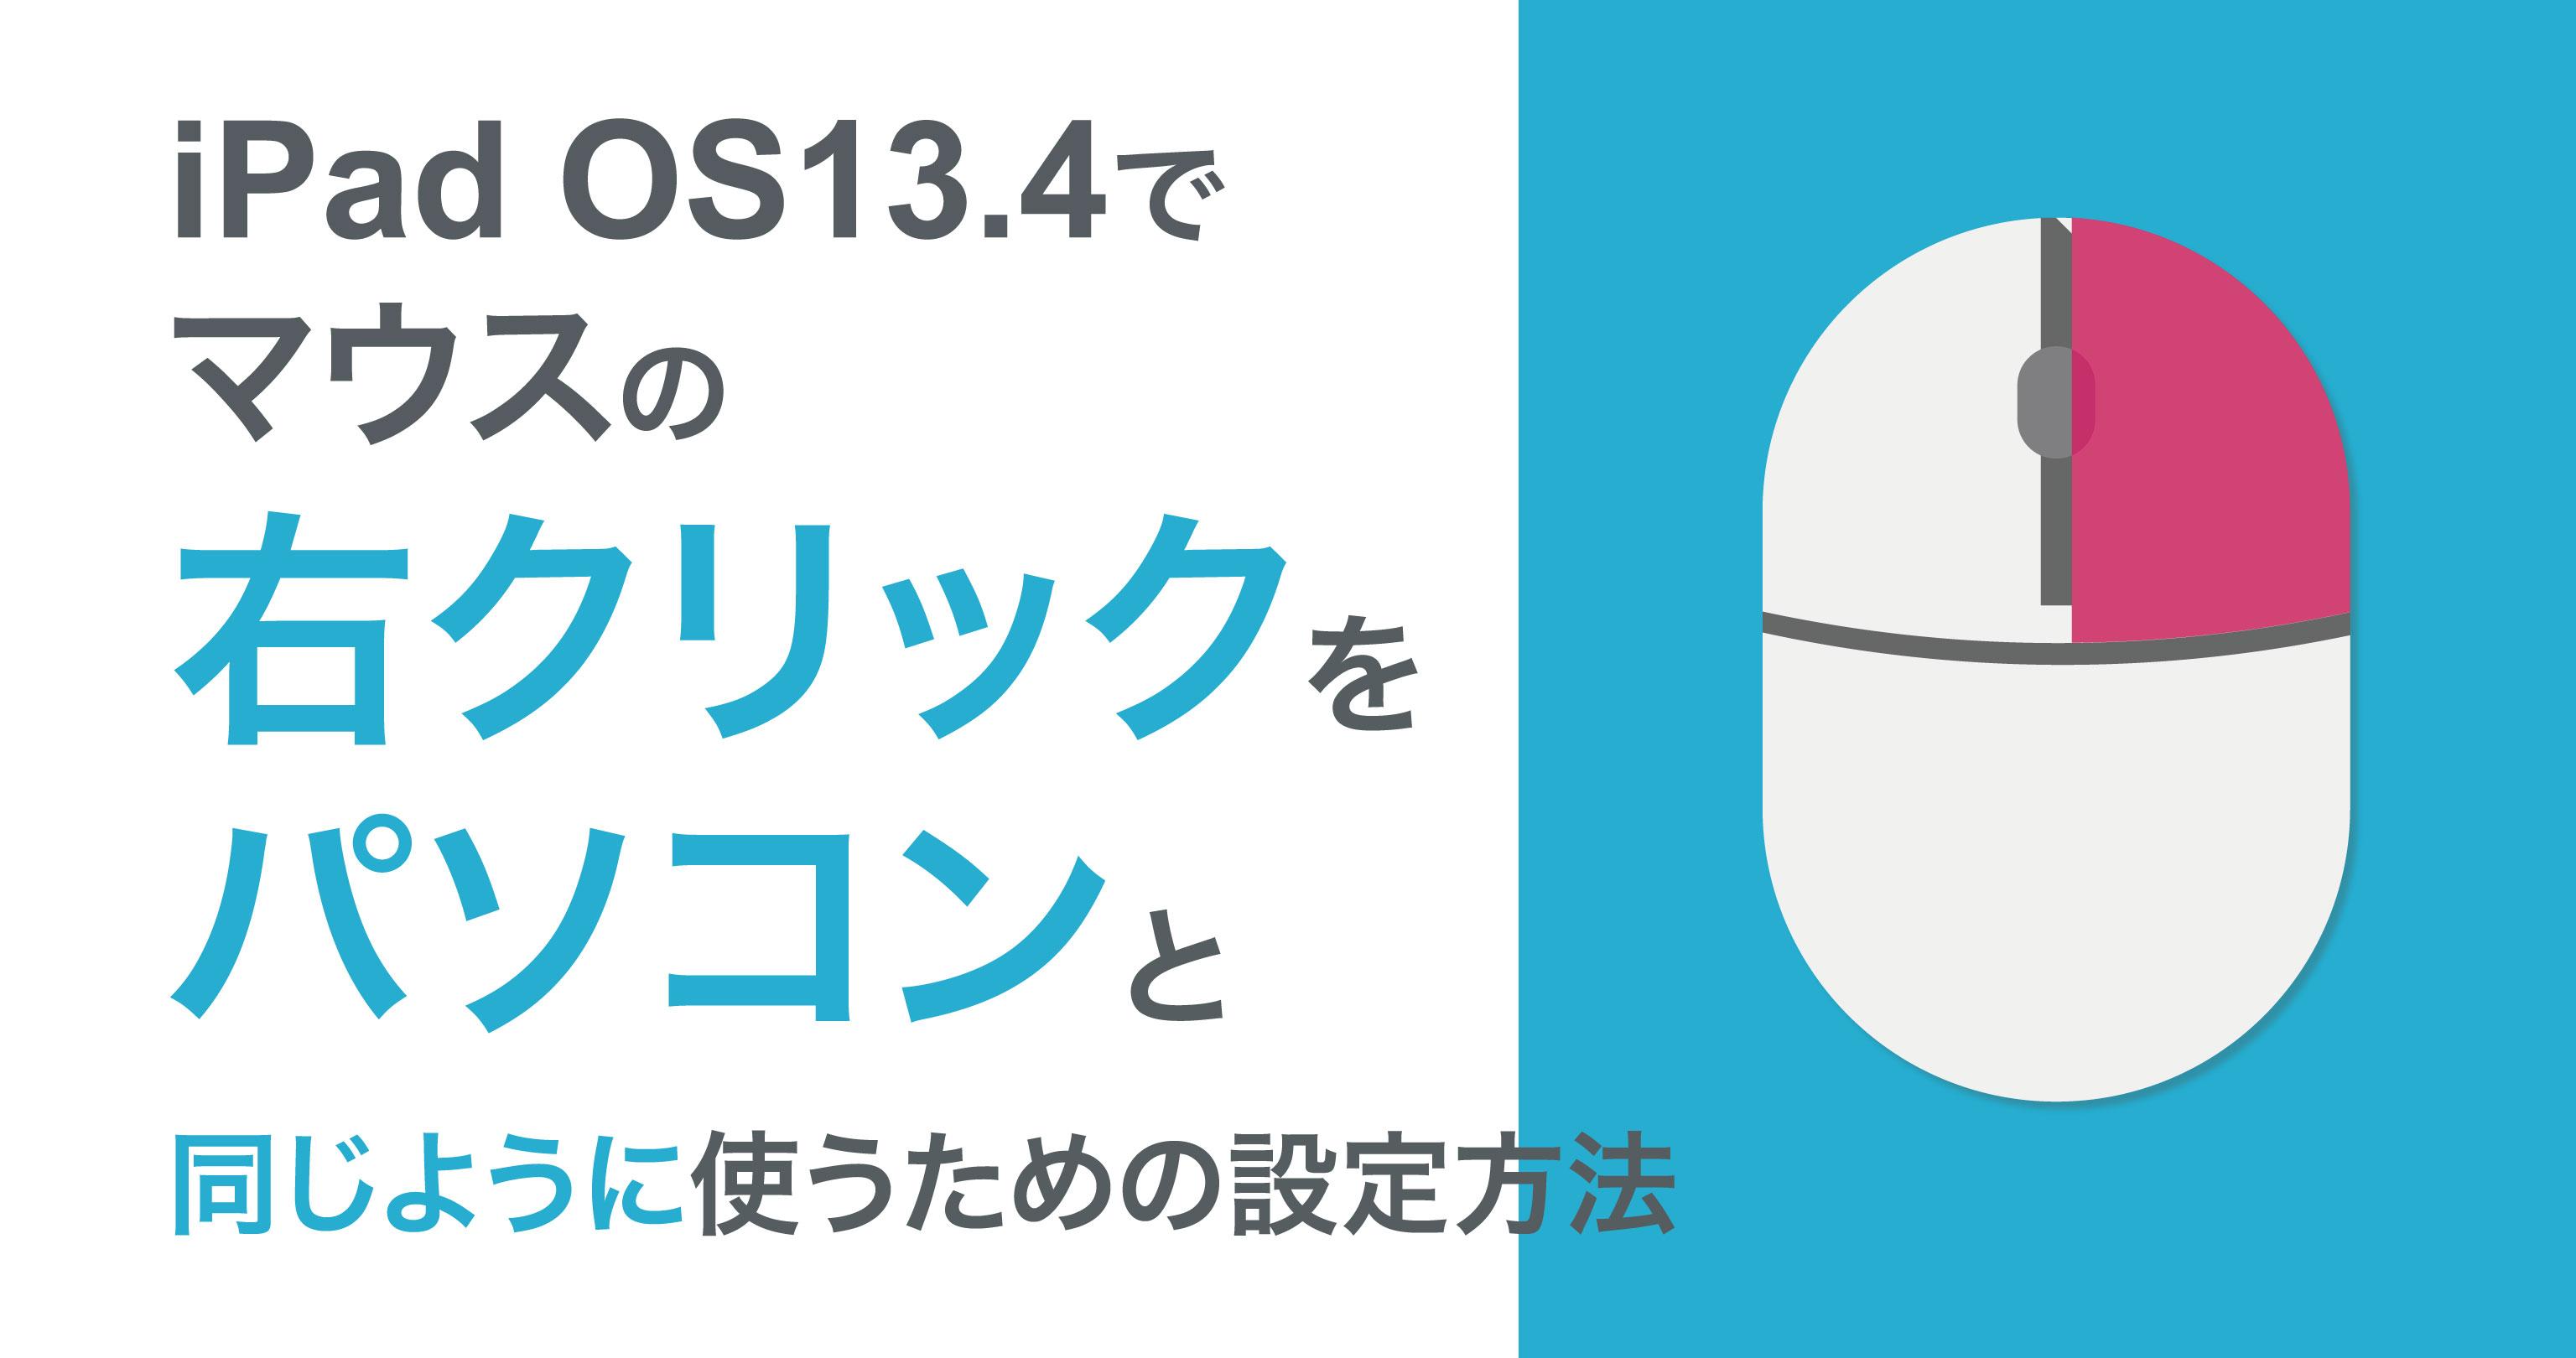 iPad OS13.4でマウスの右クリックを副ボタンとして使う設定方法